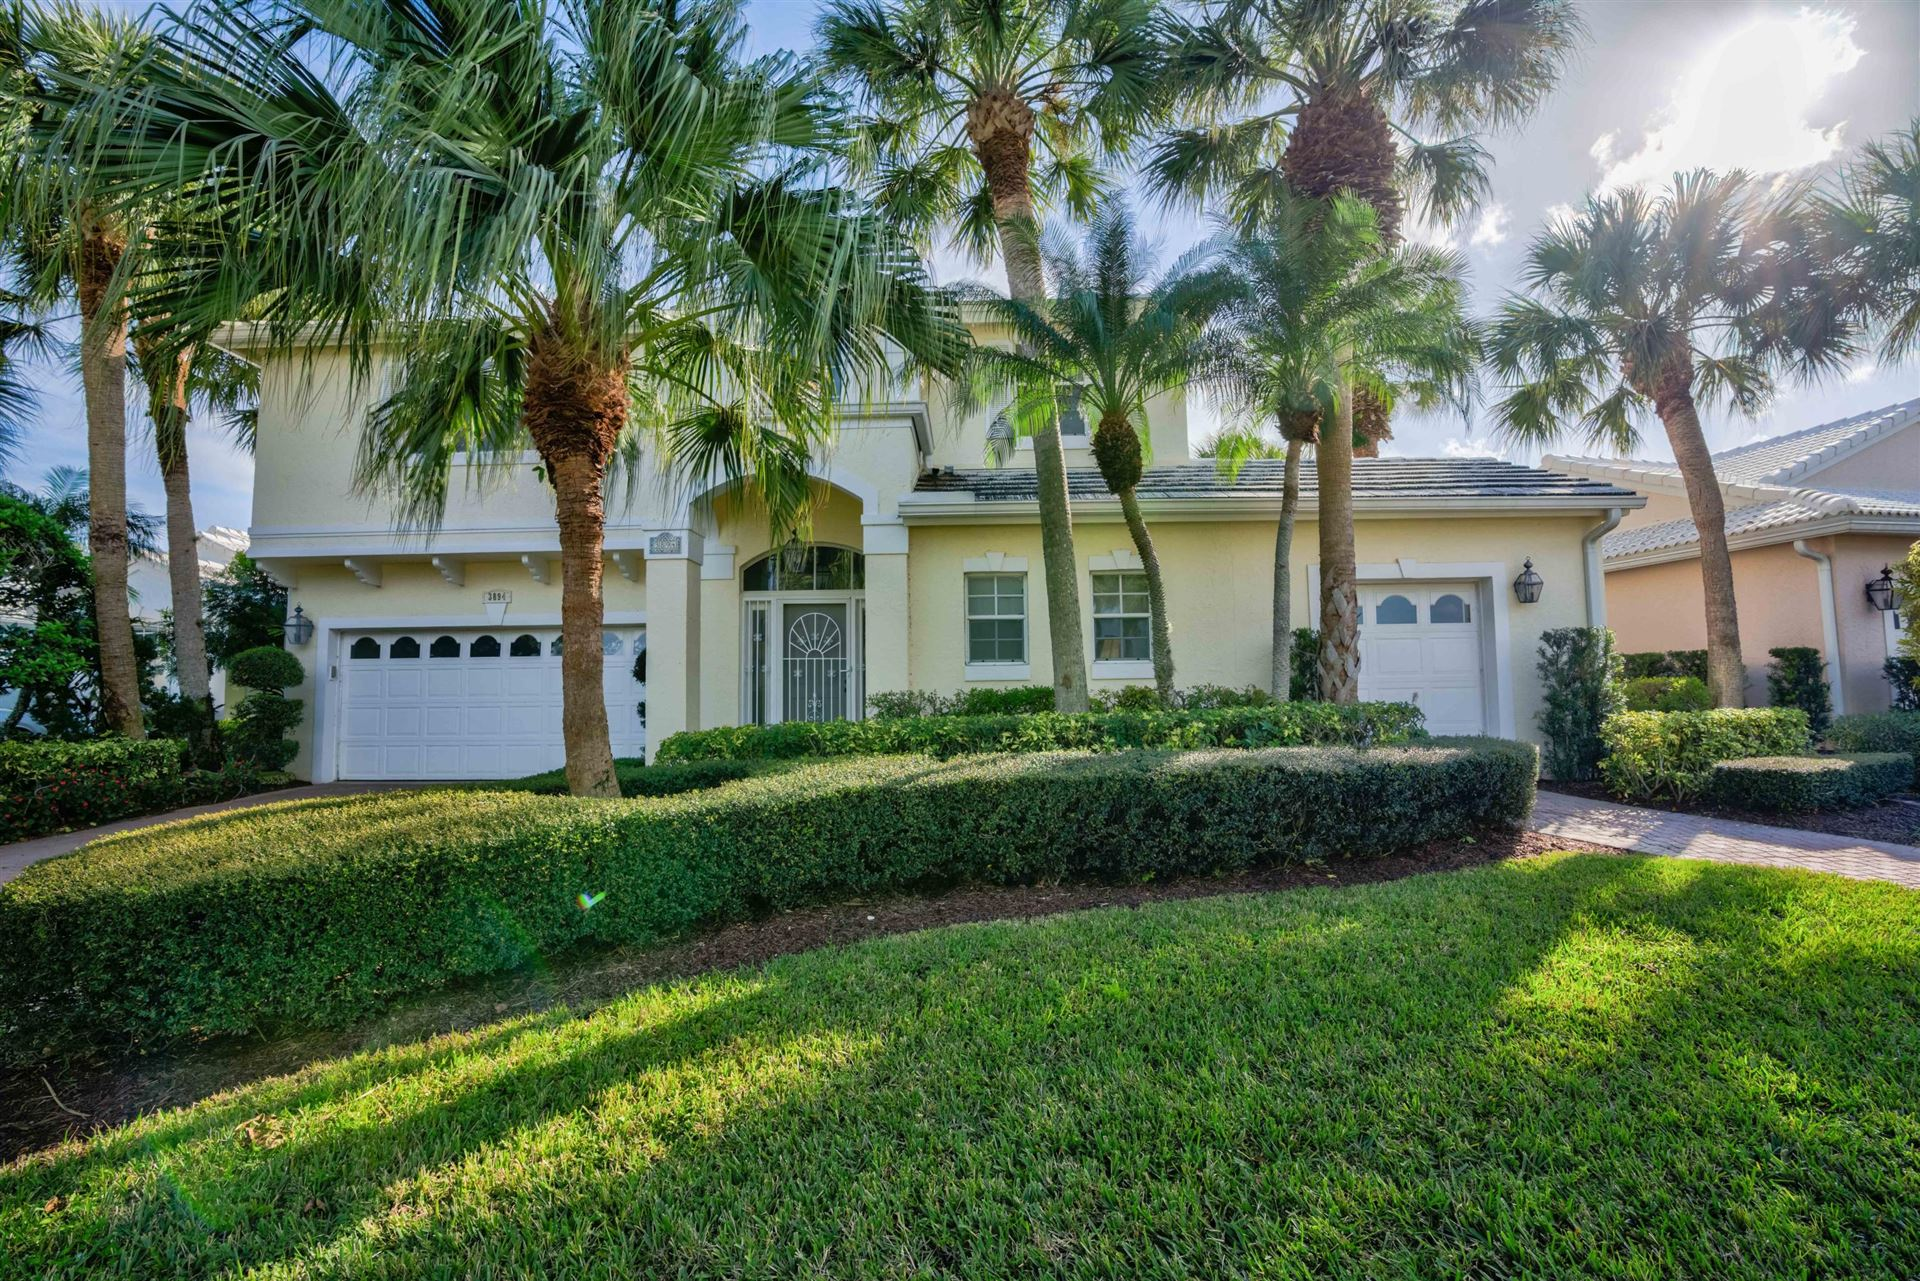 Photo of 3894 N Longview Drive, Jupiter, FL 33477 (MLS # RX-10683185)